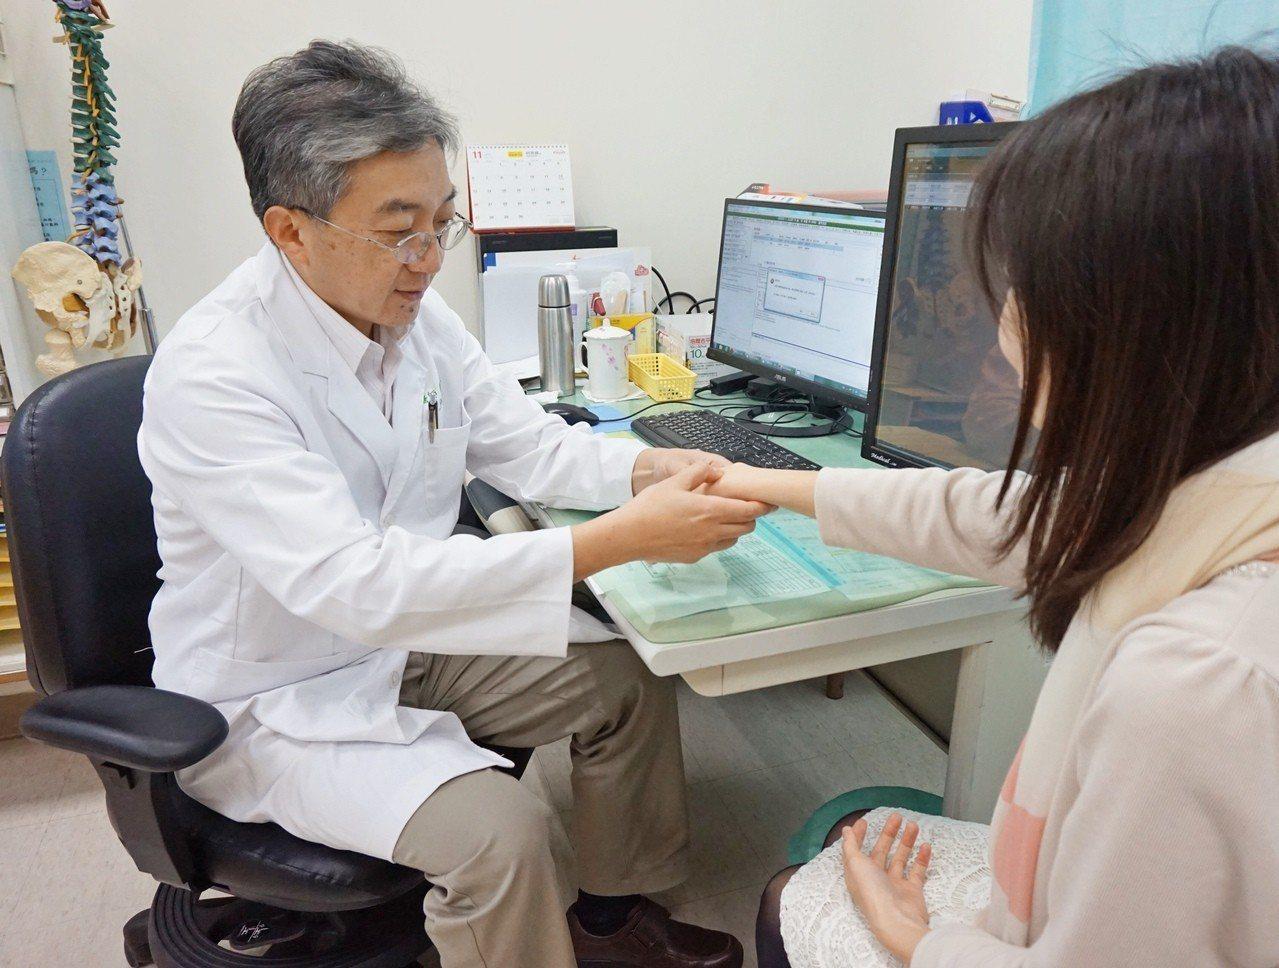 自體免疫疾病是台灣十大重大傷病中的第三名,因人體免疫系統攻擊患者正常組織的疾病,...